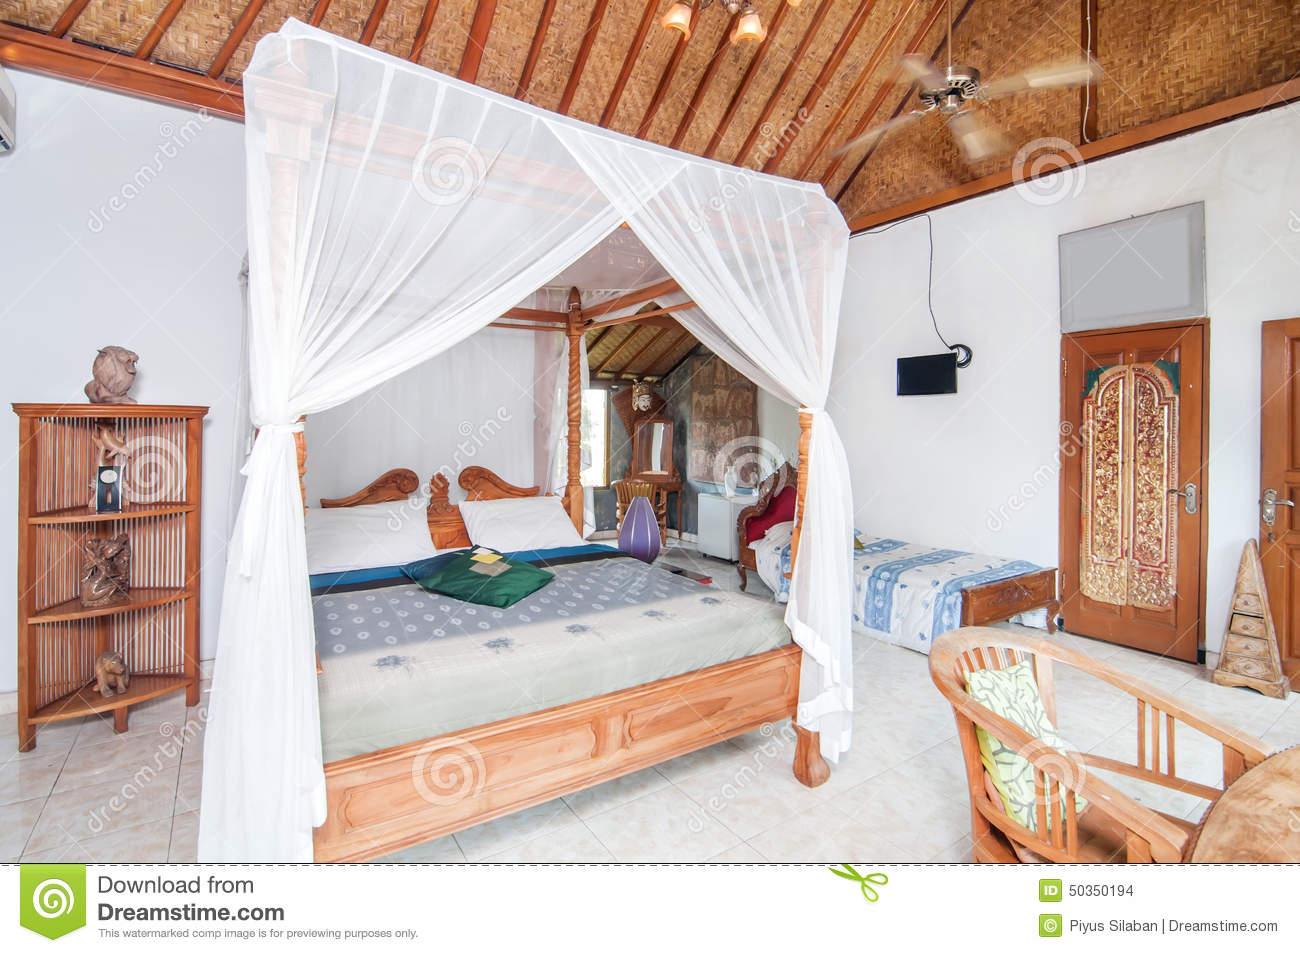 Full Size of Landhaus Schlafzimmer Fenster Landhausstil Küche Teppich Gardinen Kronleuchter Wandlampe Sofa Wohnzimmer Komplett Mit Lattenrost Und Matratze Schlafzimmer Landhaus Schlafzimmer